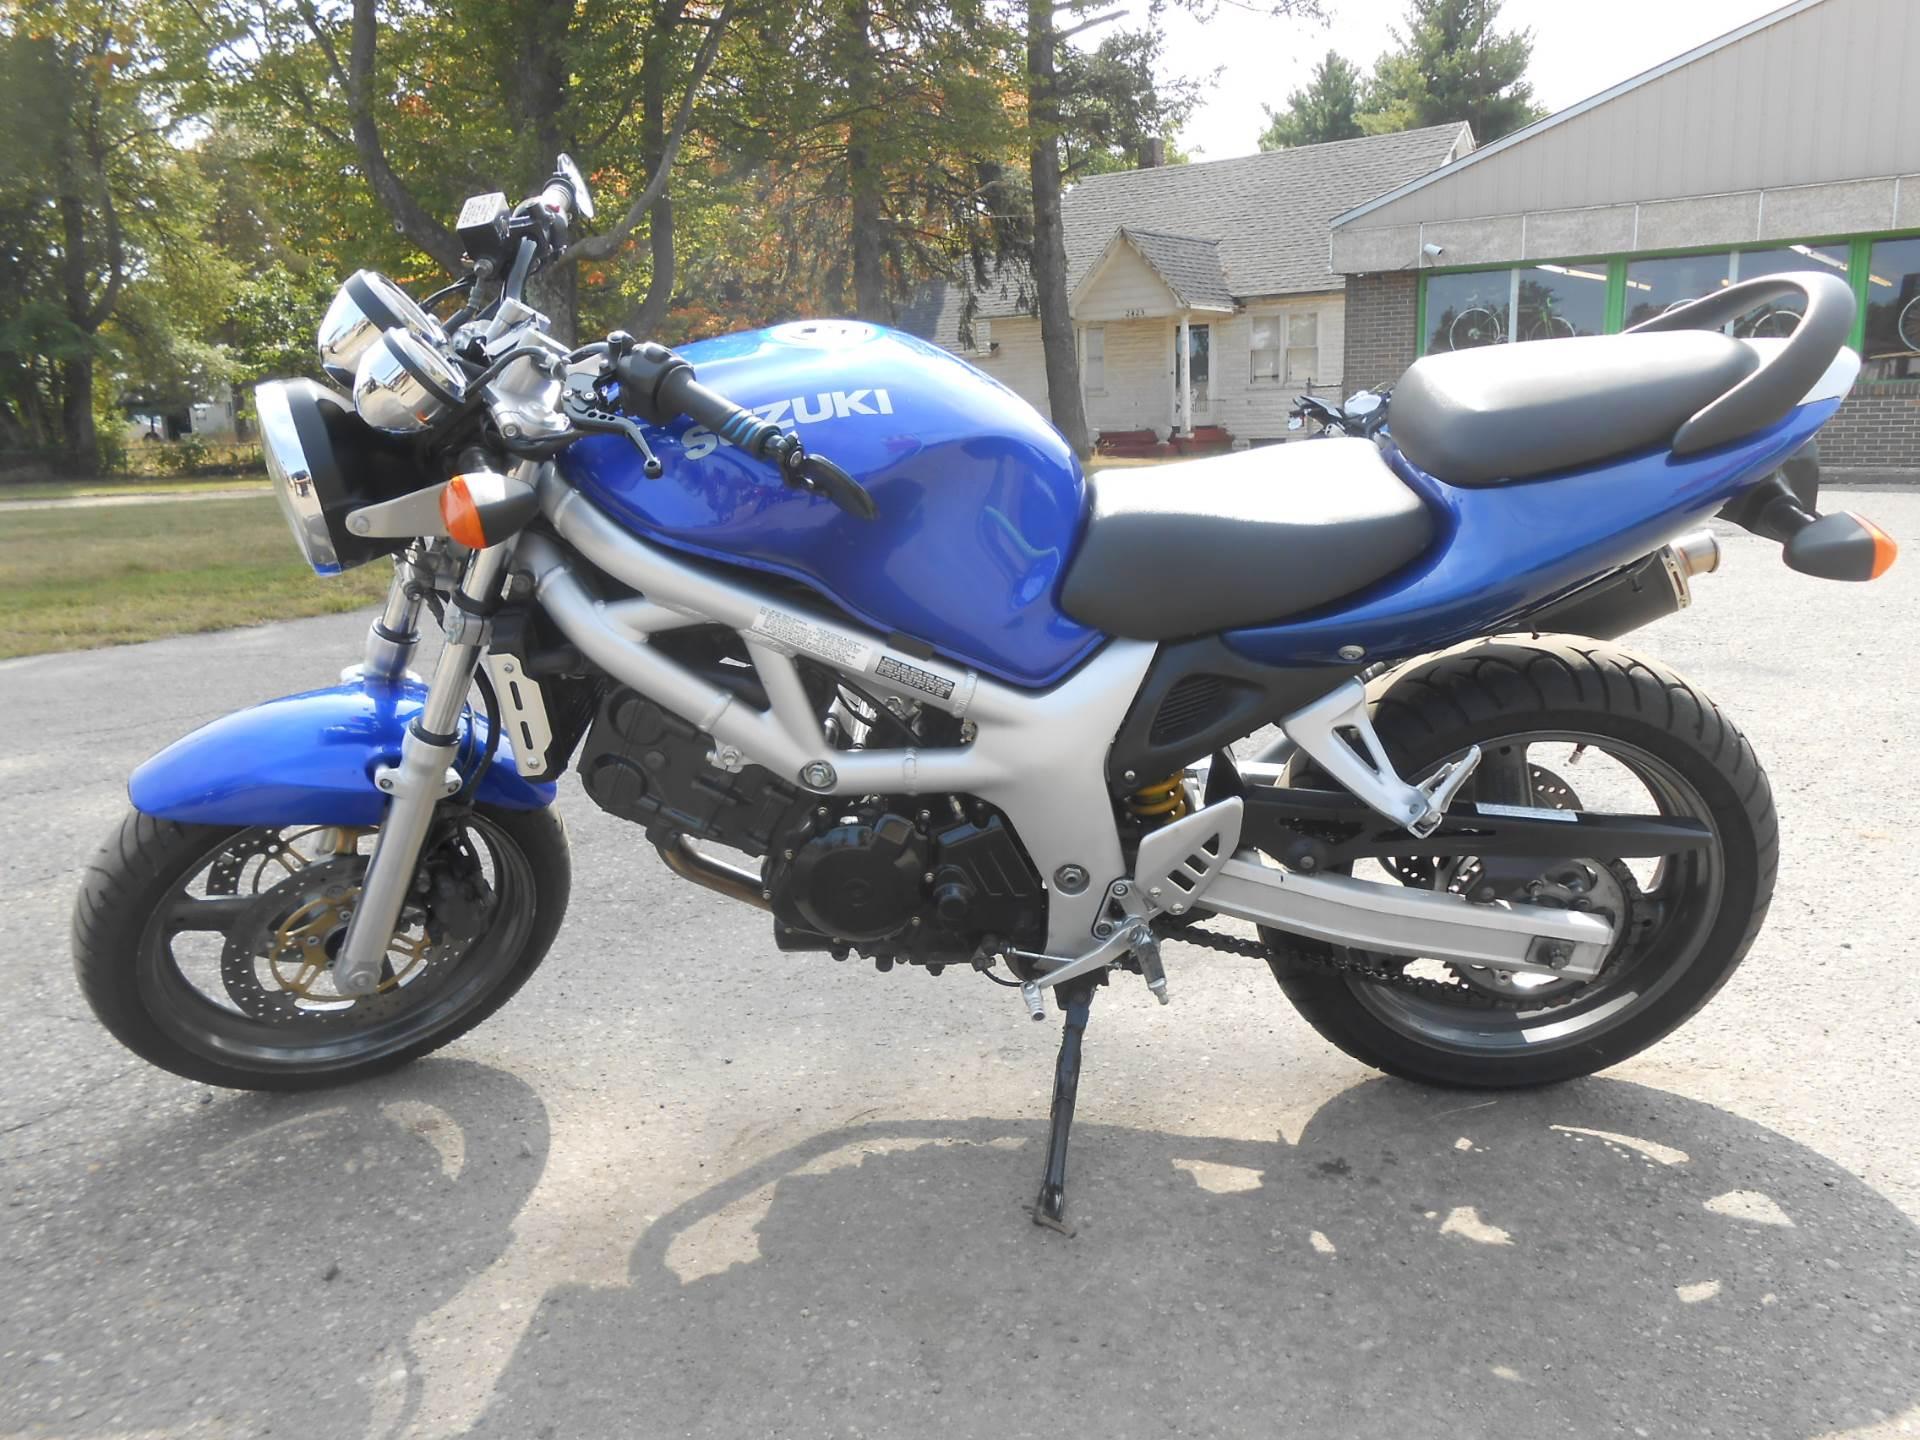 2000 Suzuki SV650 1